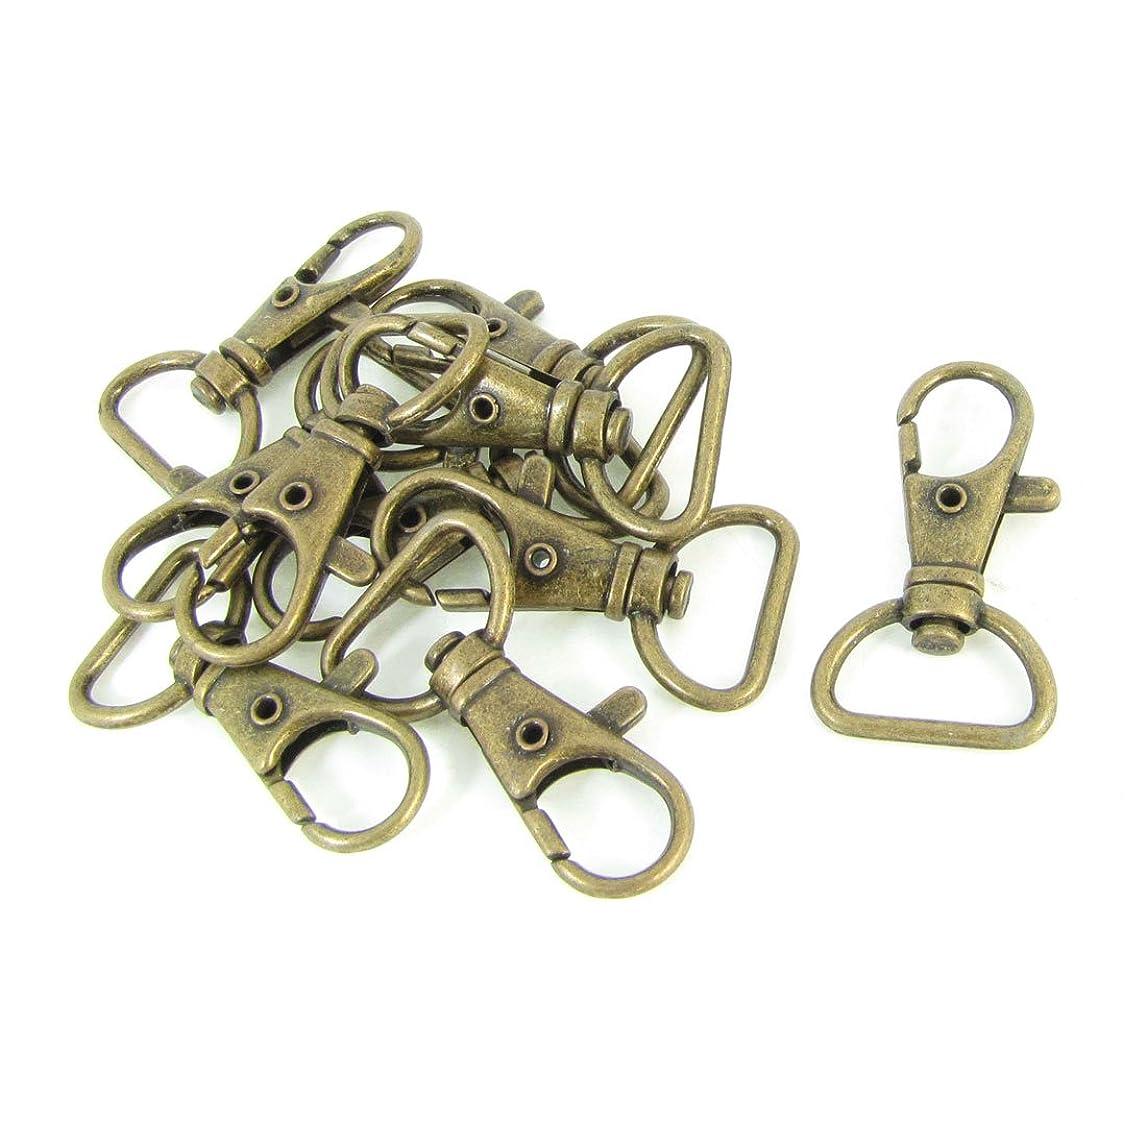 床を掃除する渦侵略uxcell ロブスタークラスプ 回転カン ハンドバッグ用スイベル ブロンズ 10個